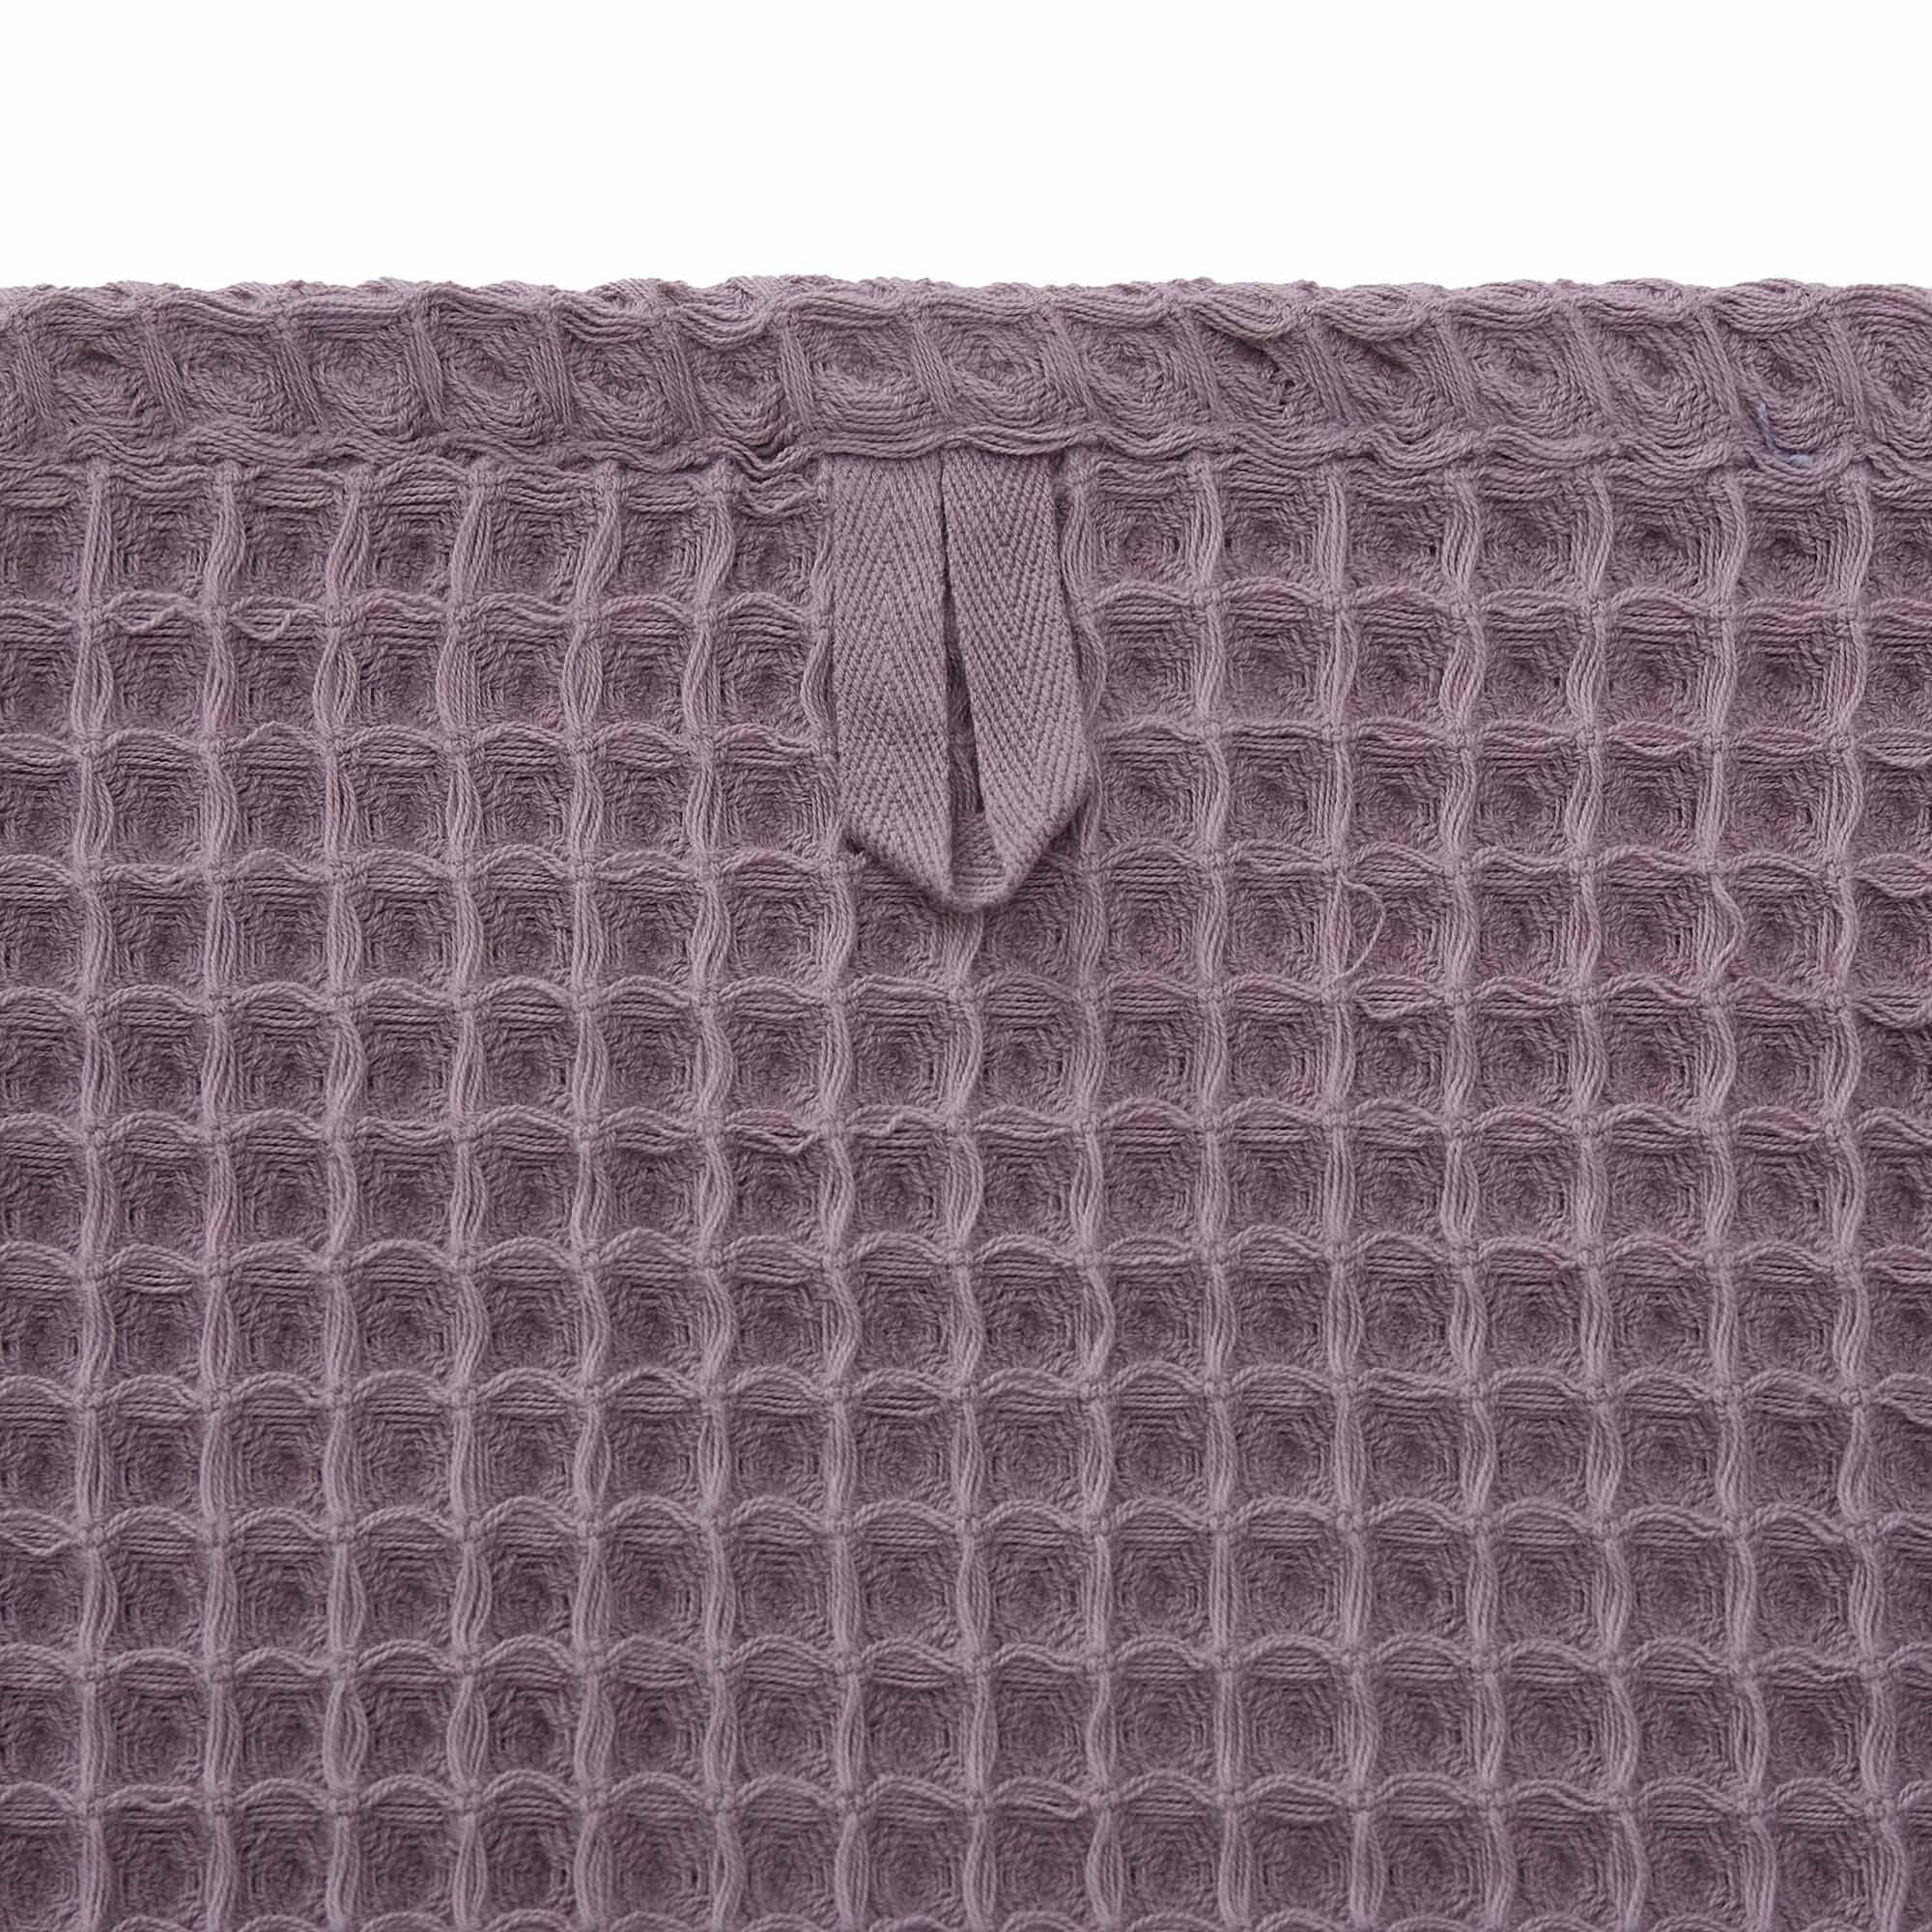 Gastehandtuch Mikawa Mauve 80x140 Cm Frottee Handtucher Handtucher Und Frottee